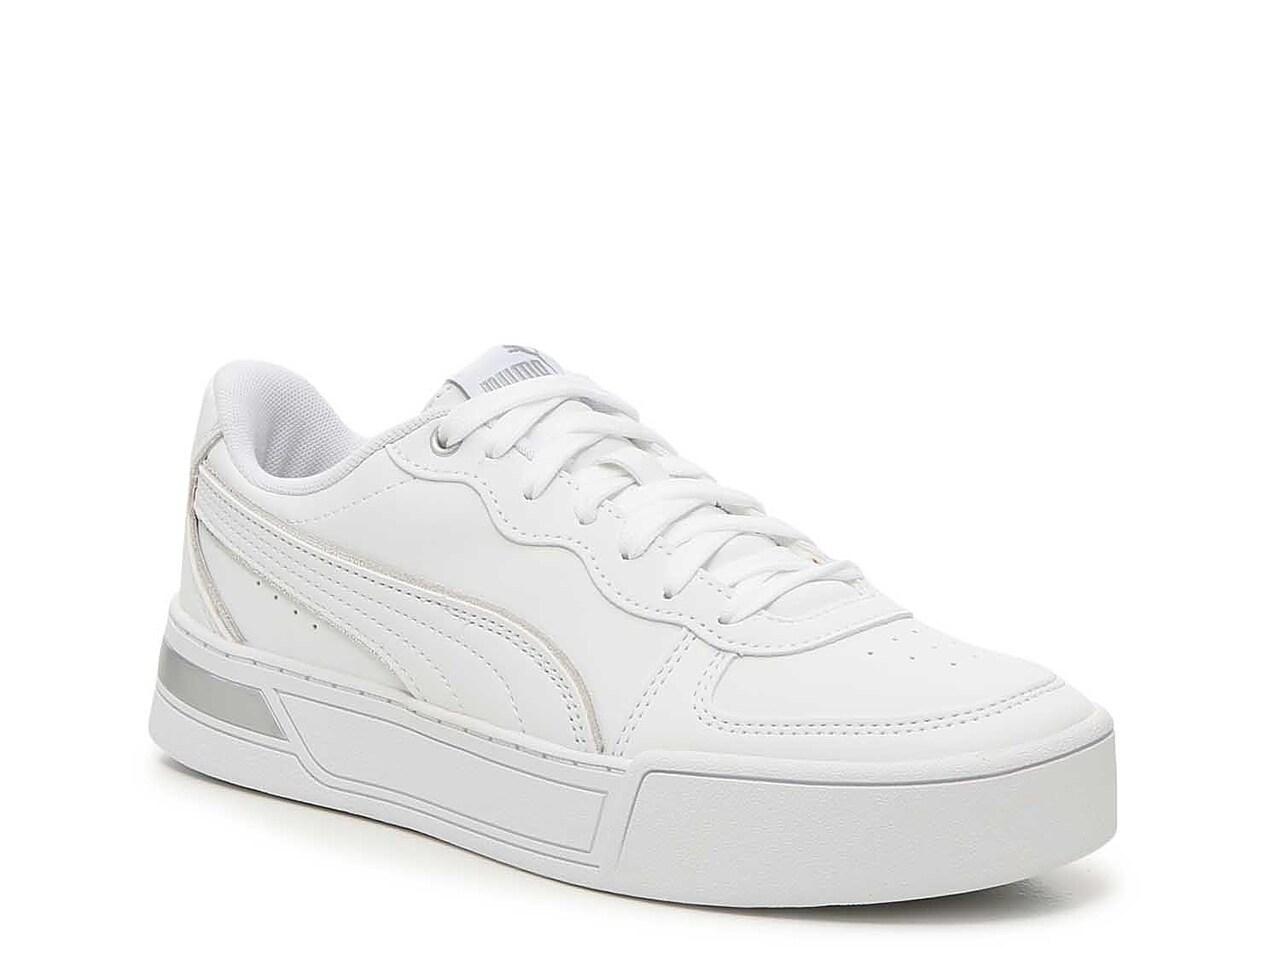 Puma Skye Sneaker - Women's